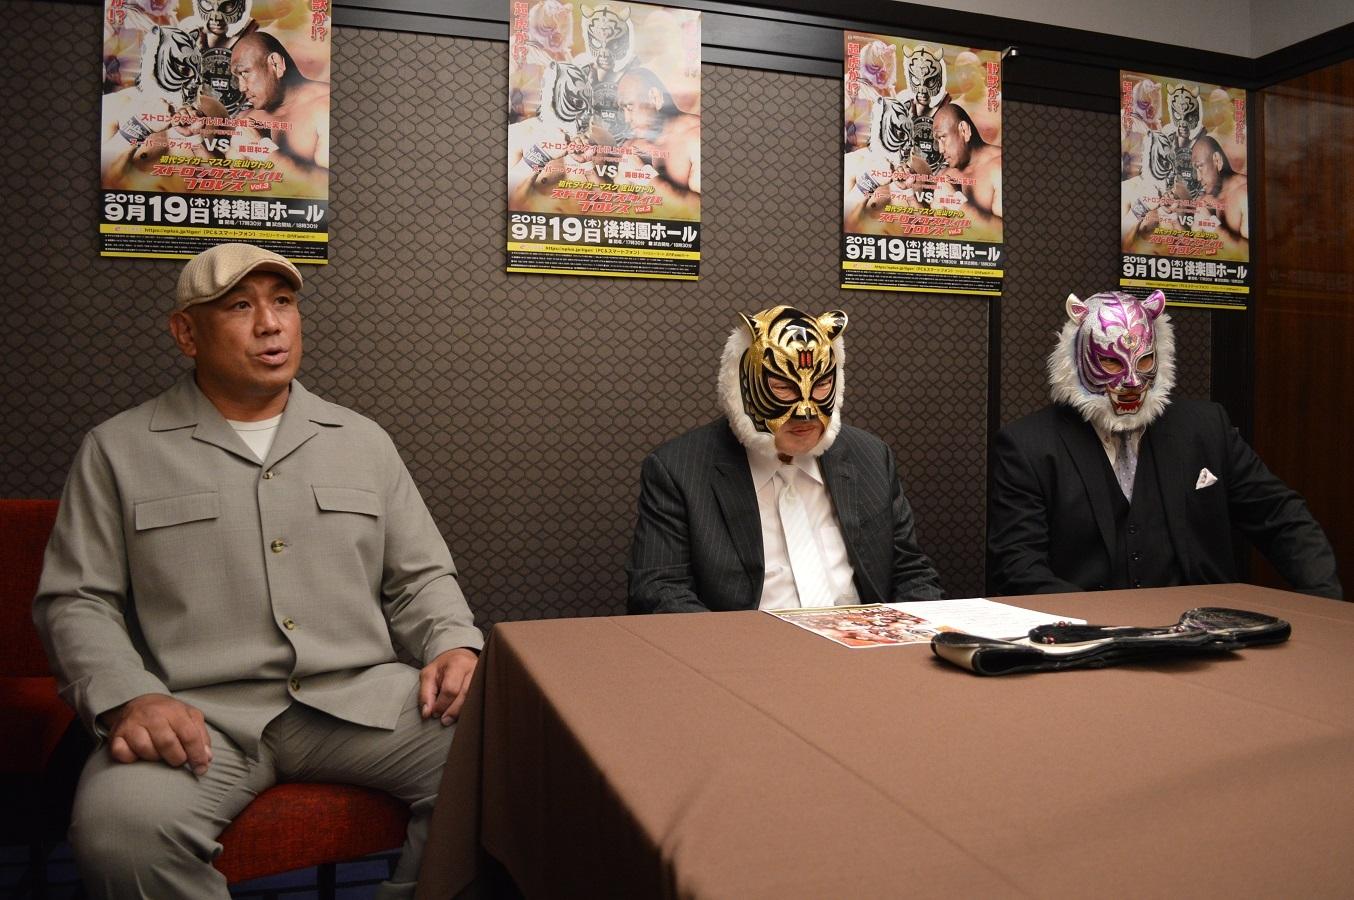 初代タイガーマスク佐山サトル総監、スーパー・タイガー、藤田和之